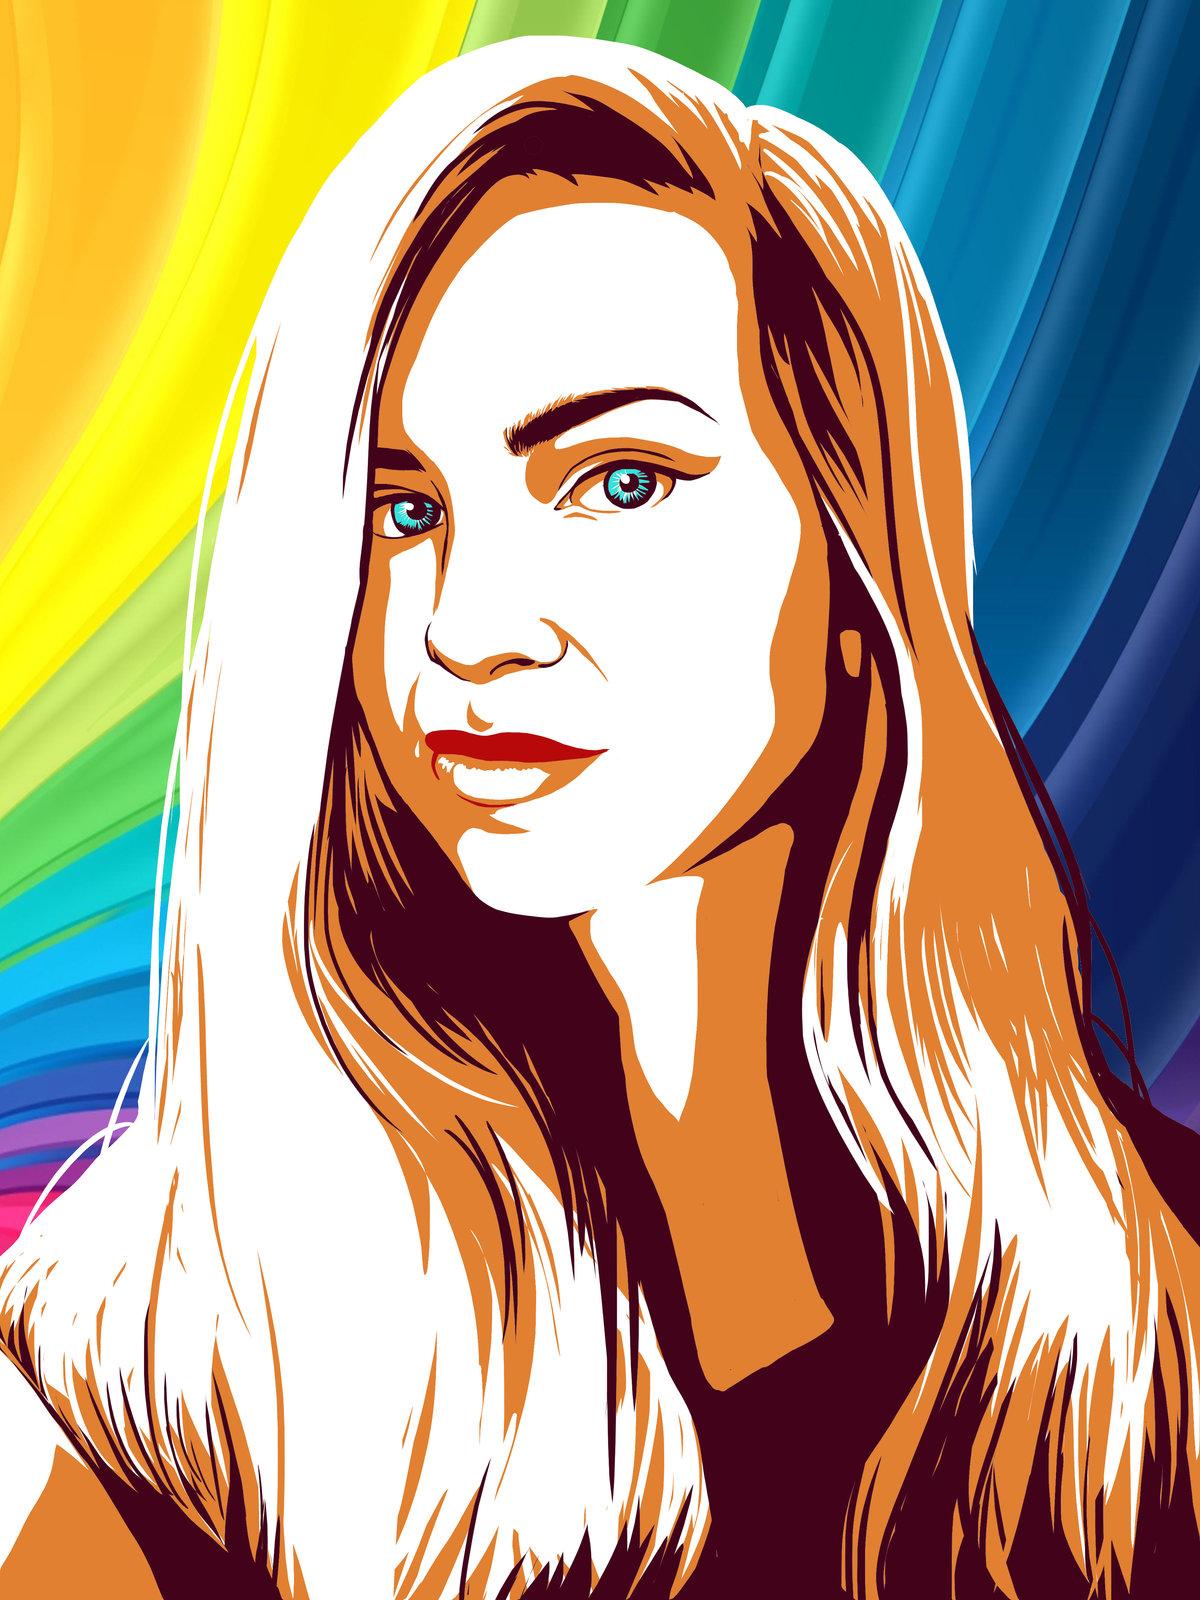 Марта коллегам, поп-арт картинки своими руками рисовать